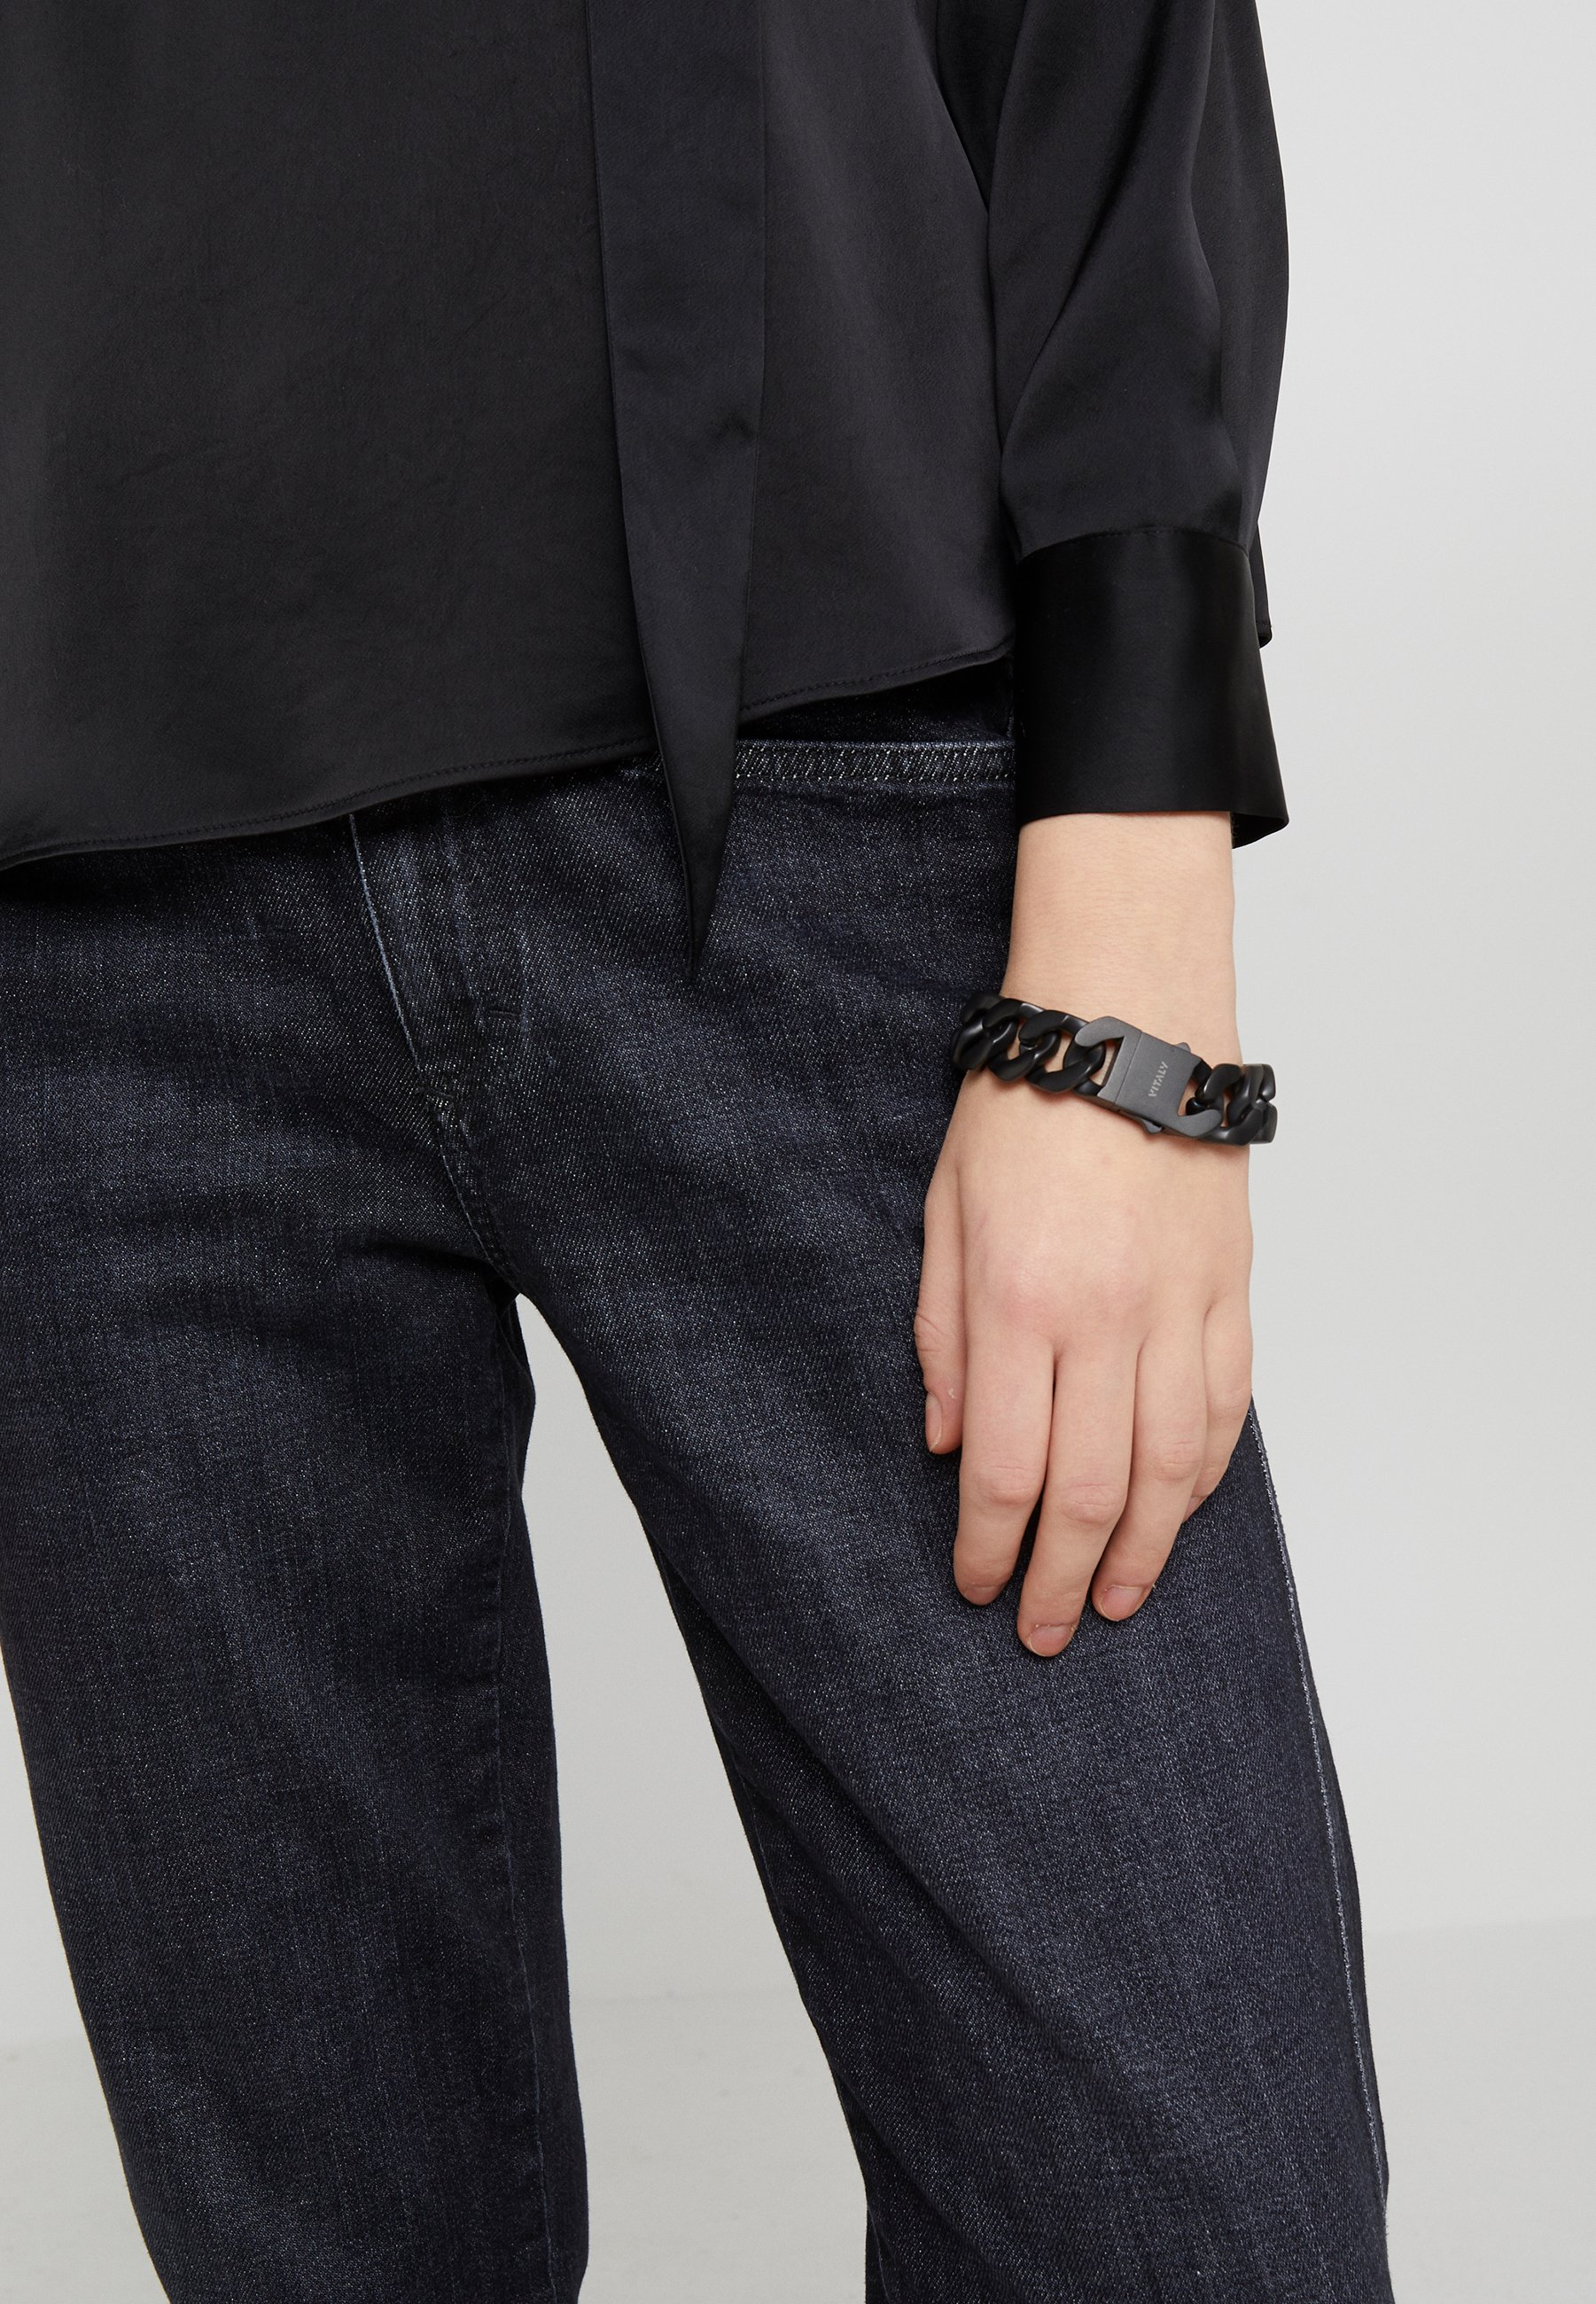 Cheap Outlet Vitaly INTEGER - Bracelet - matte black | men's accessories 2020 T8gli